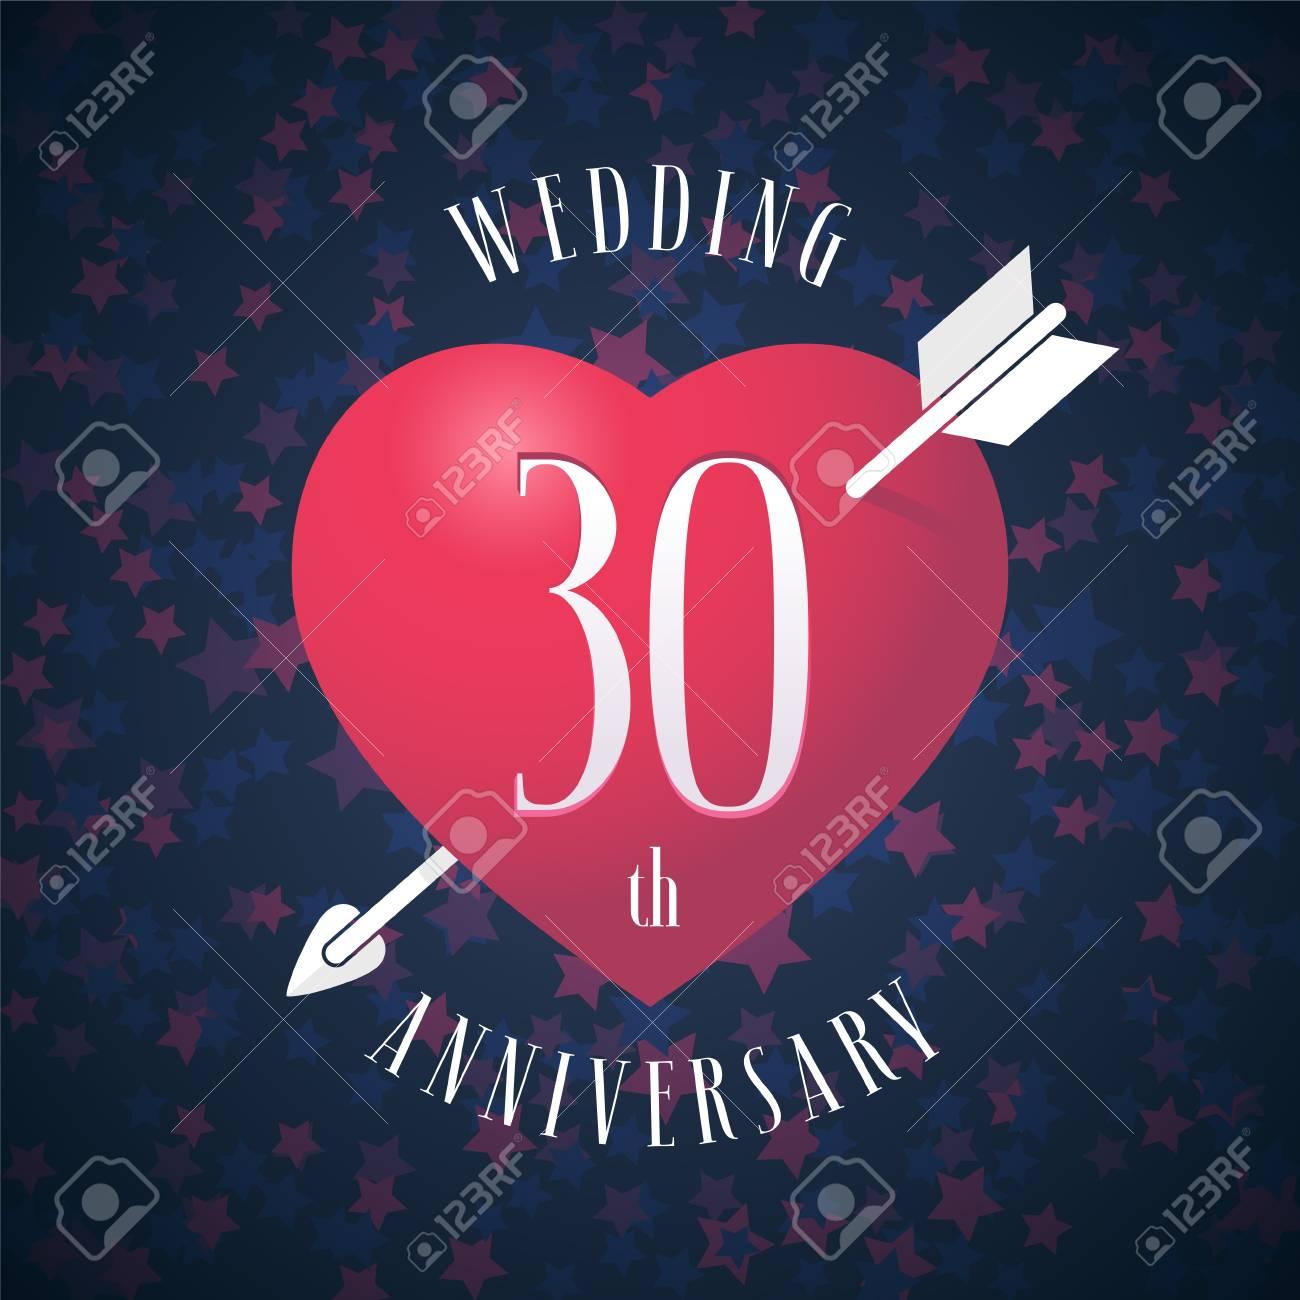 30 Años De Aniversario De Estar Casado Icono De Vector Logotipo Elemento De Diseño Gráfico Con Corazón De Color Rojo Y Flecha Para La Decoración De